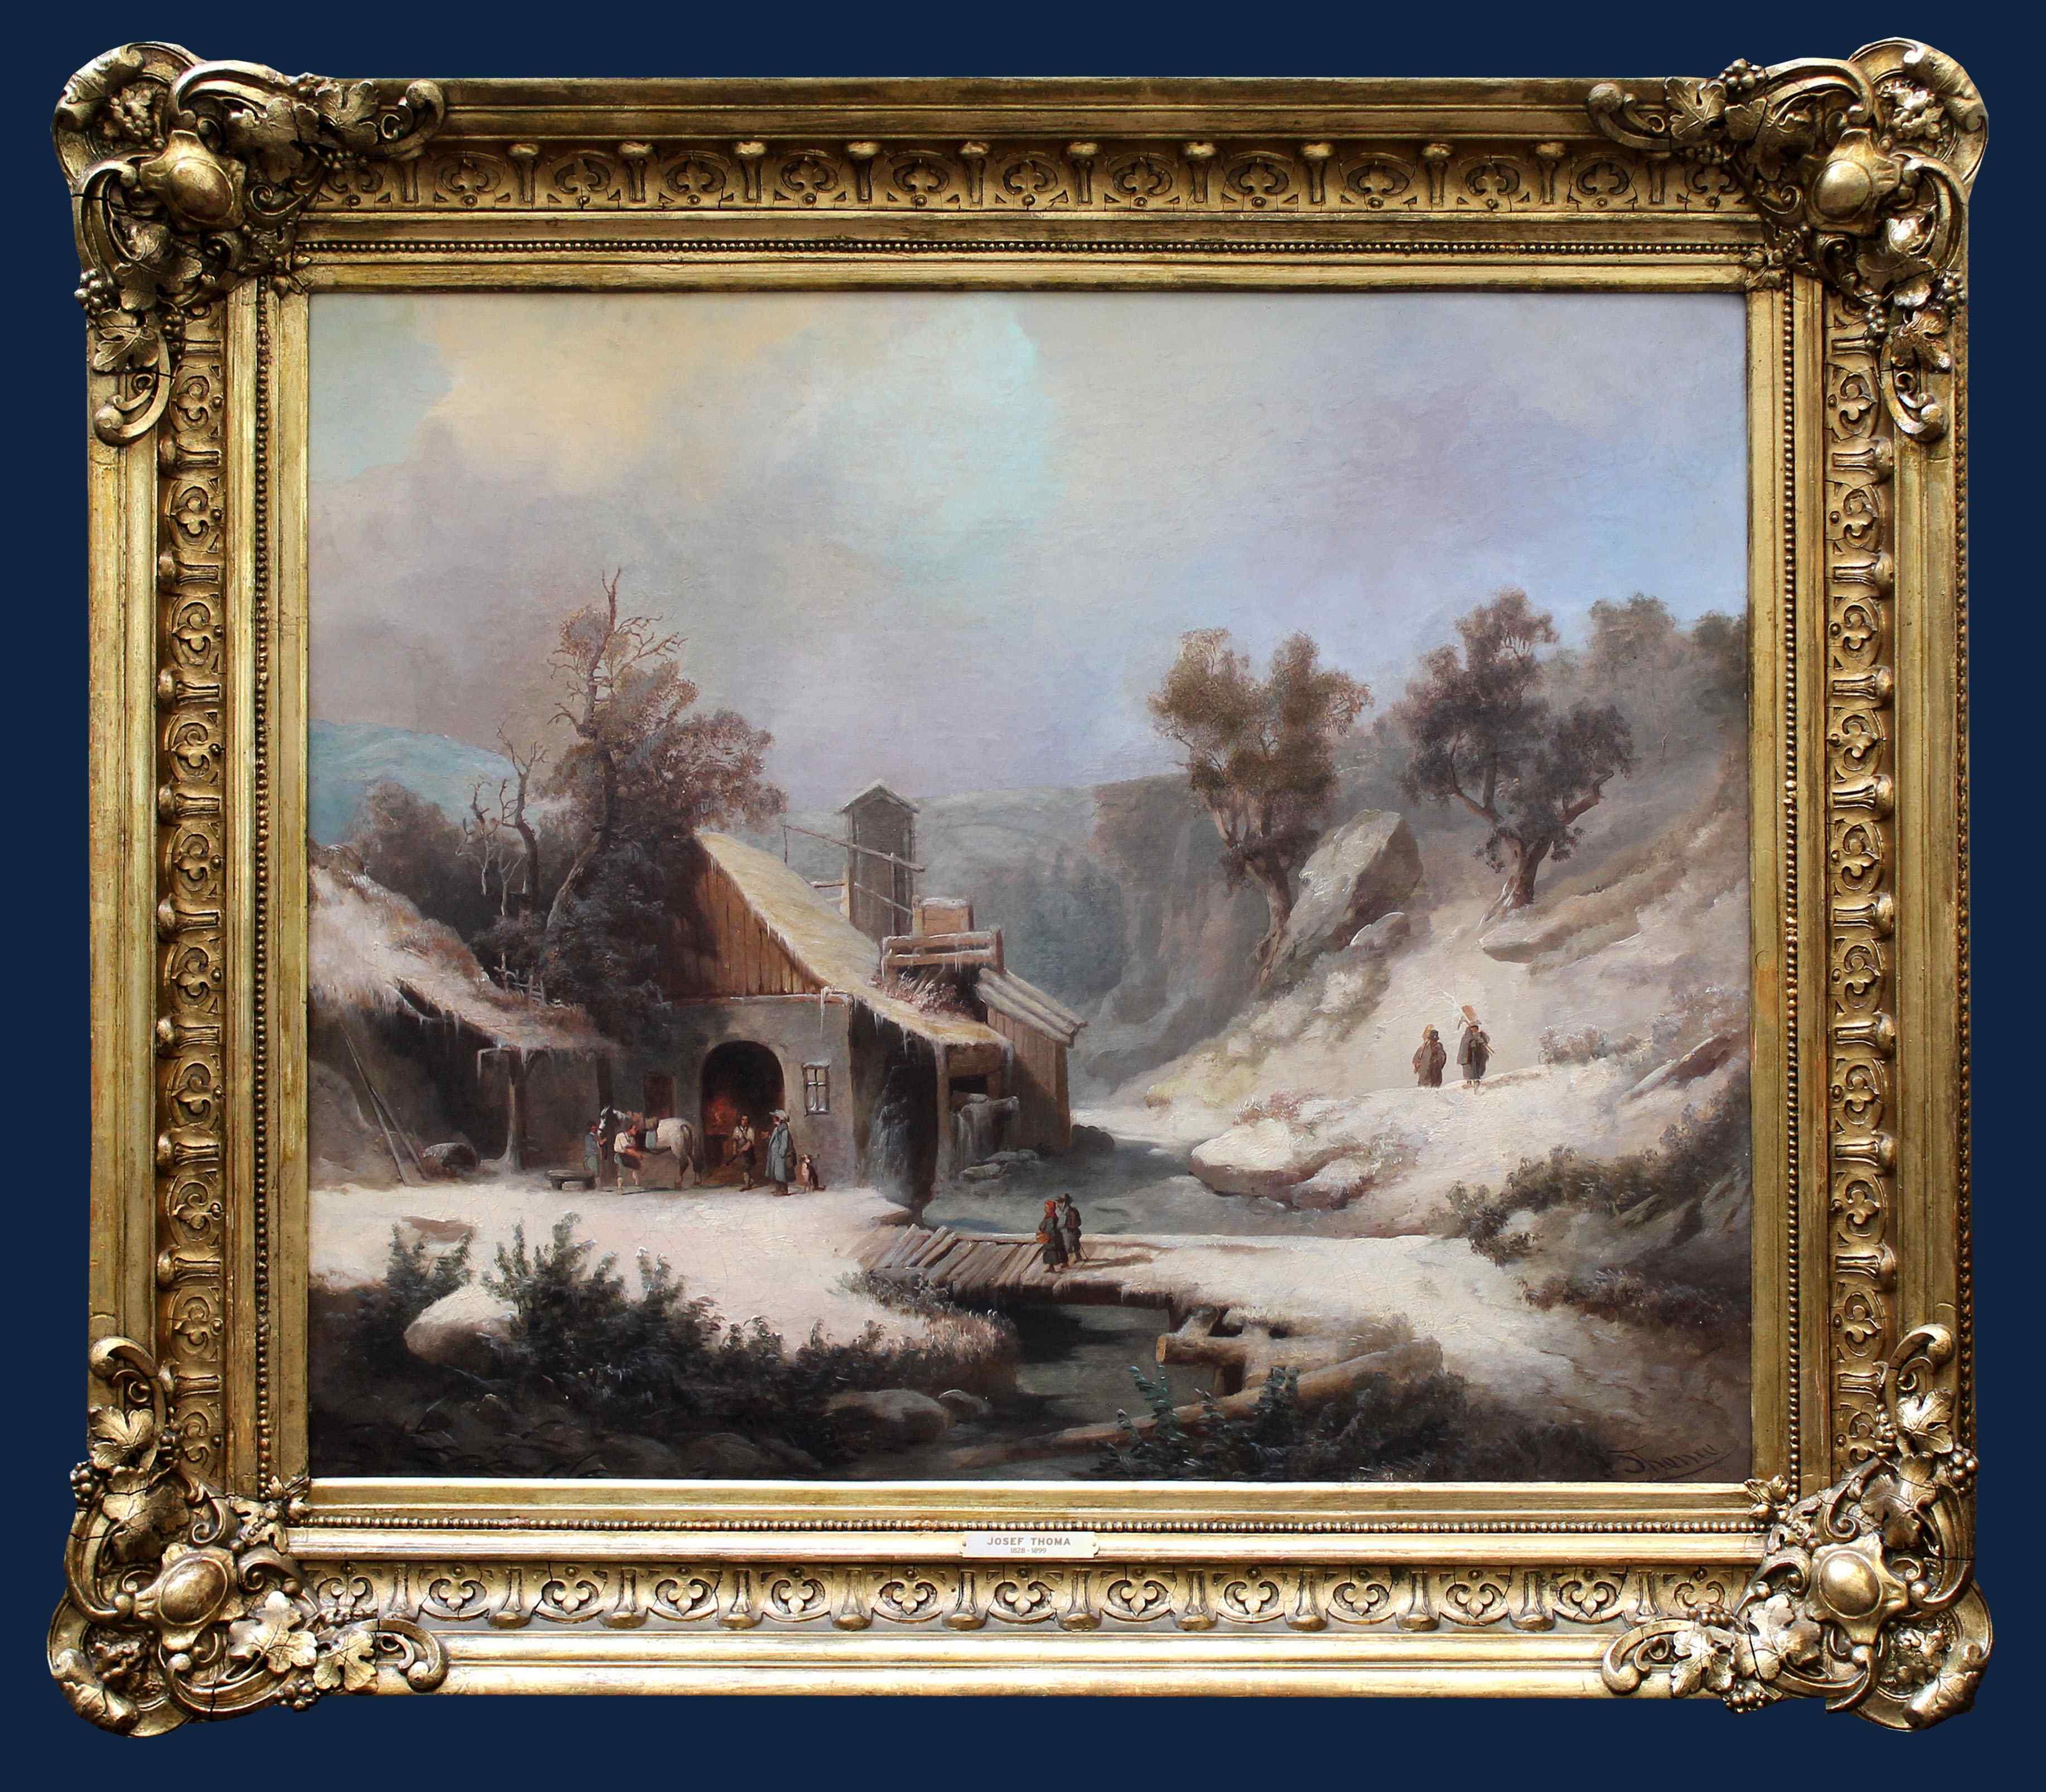 Paesaggio invernale, dipinto di Josef Thoma